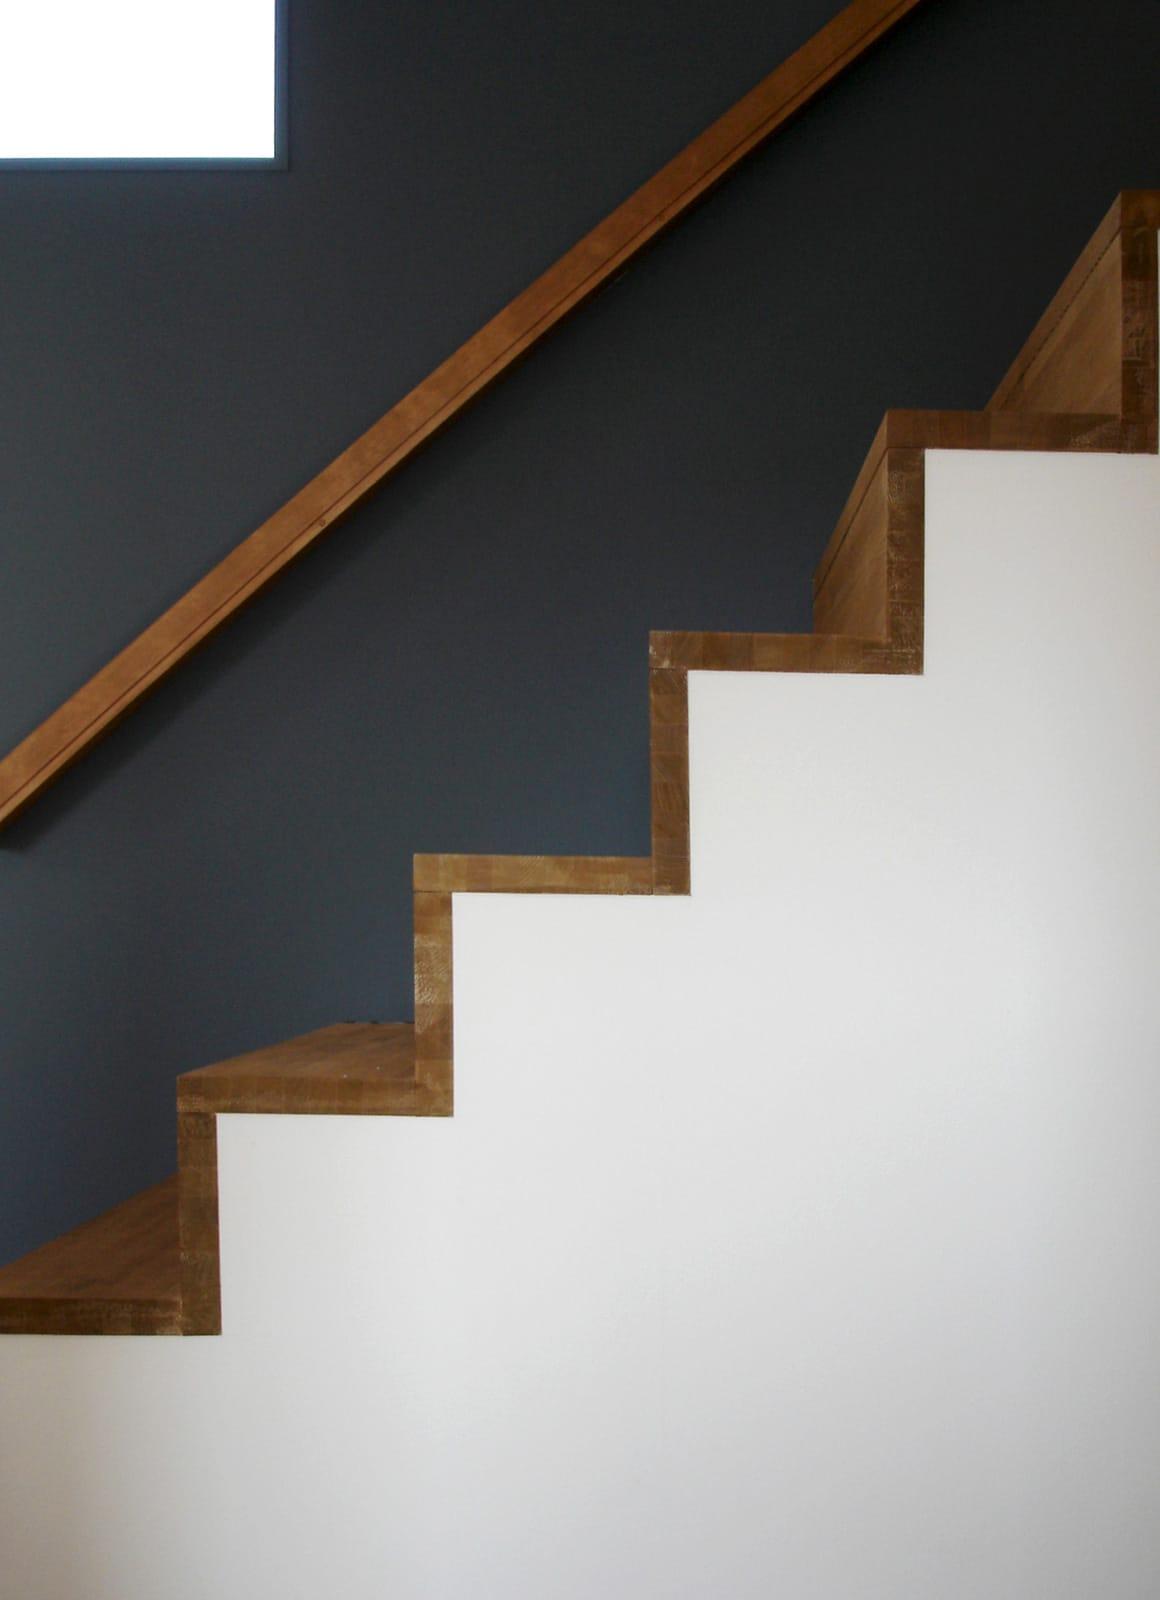 海と山を望む高台にある家の階段(木製)1